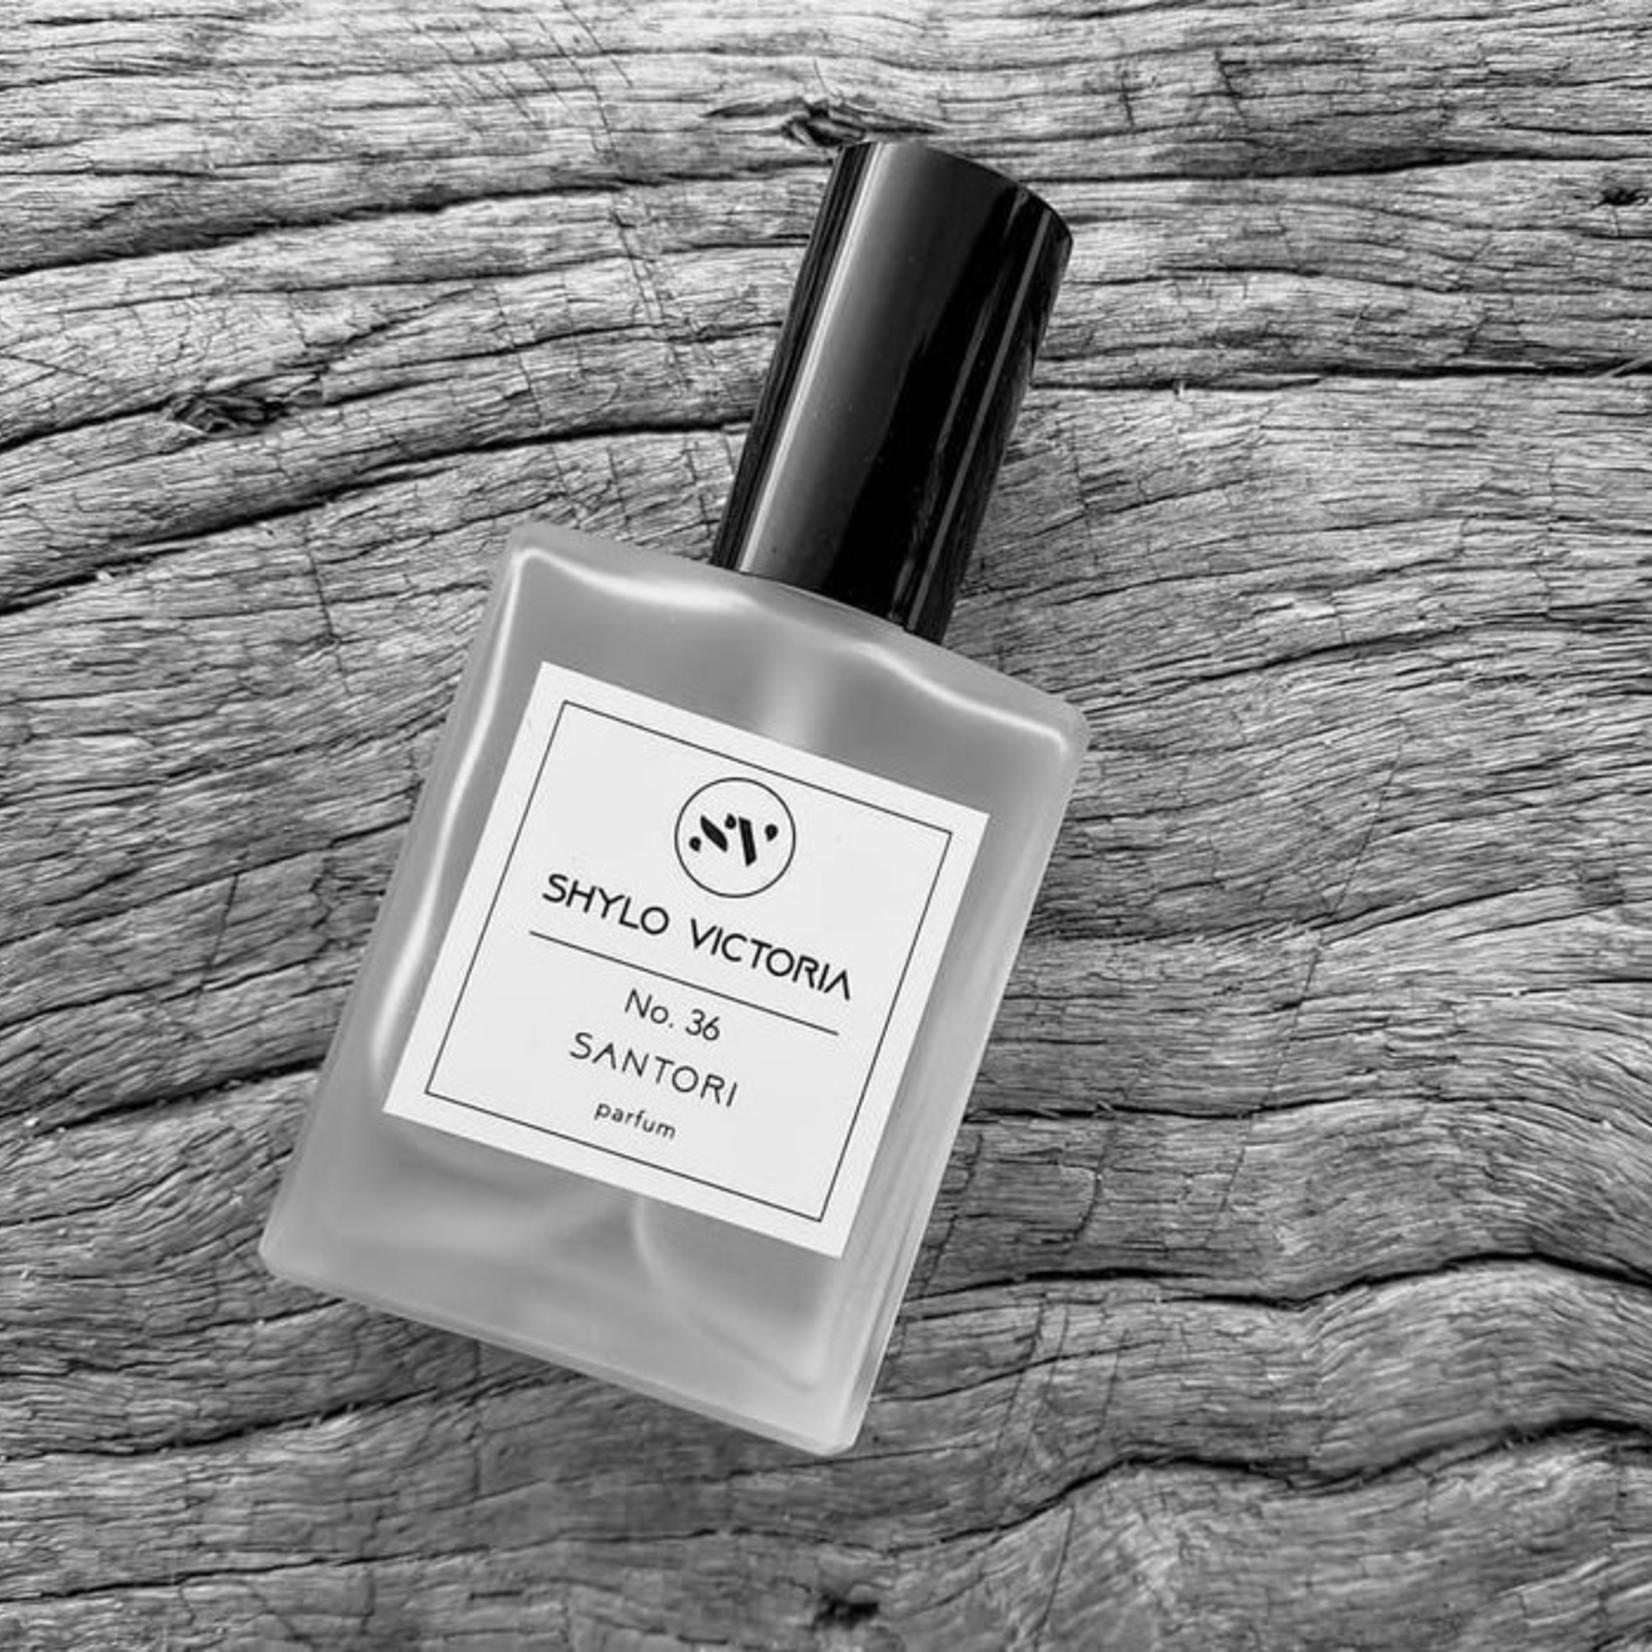 Shylo Victoria Shylo Victoria Perfume